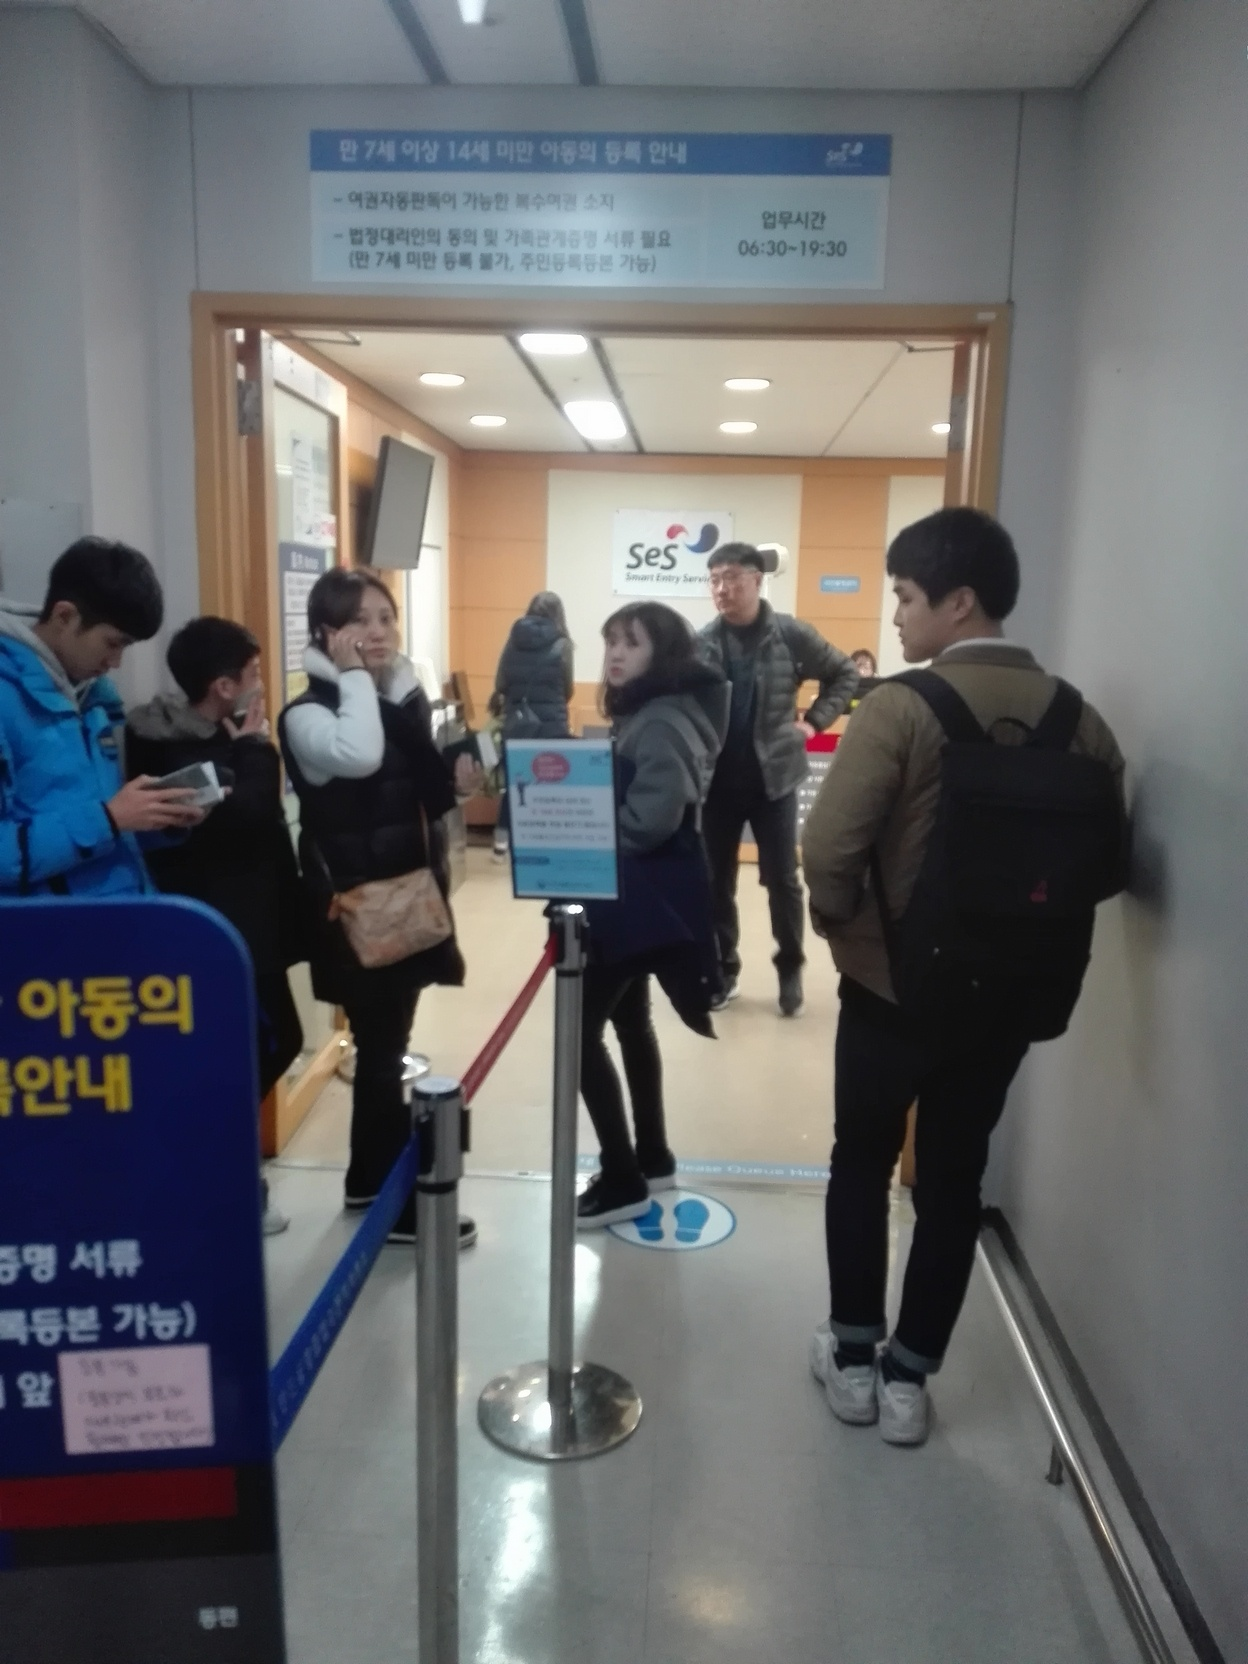 Immigration automatique Aeroport d'Incheon - blog coree du sud - the korean dream 81